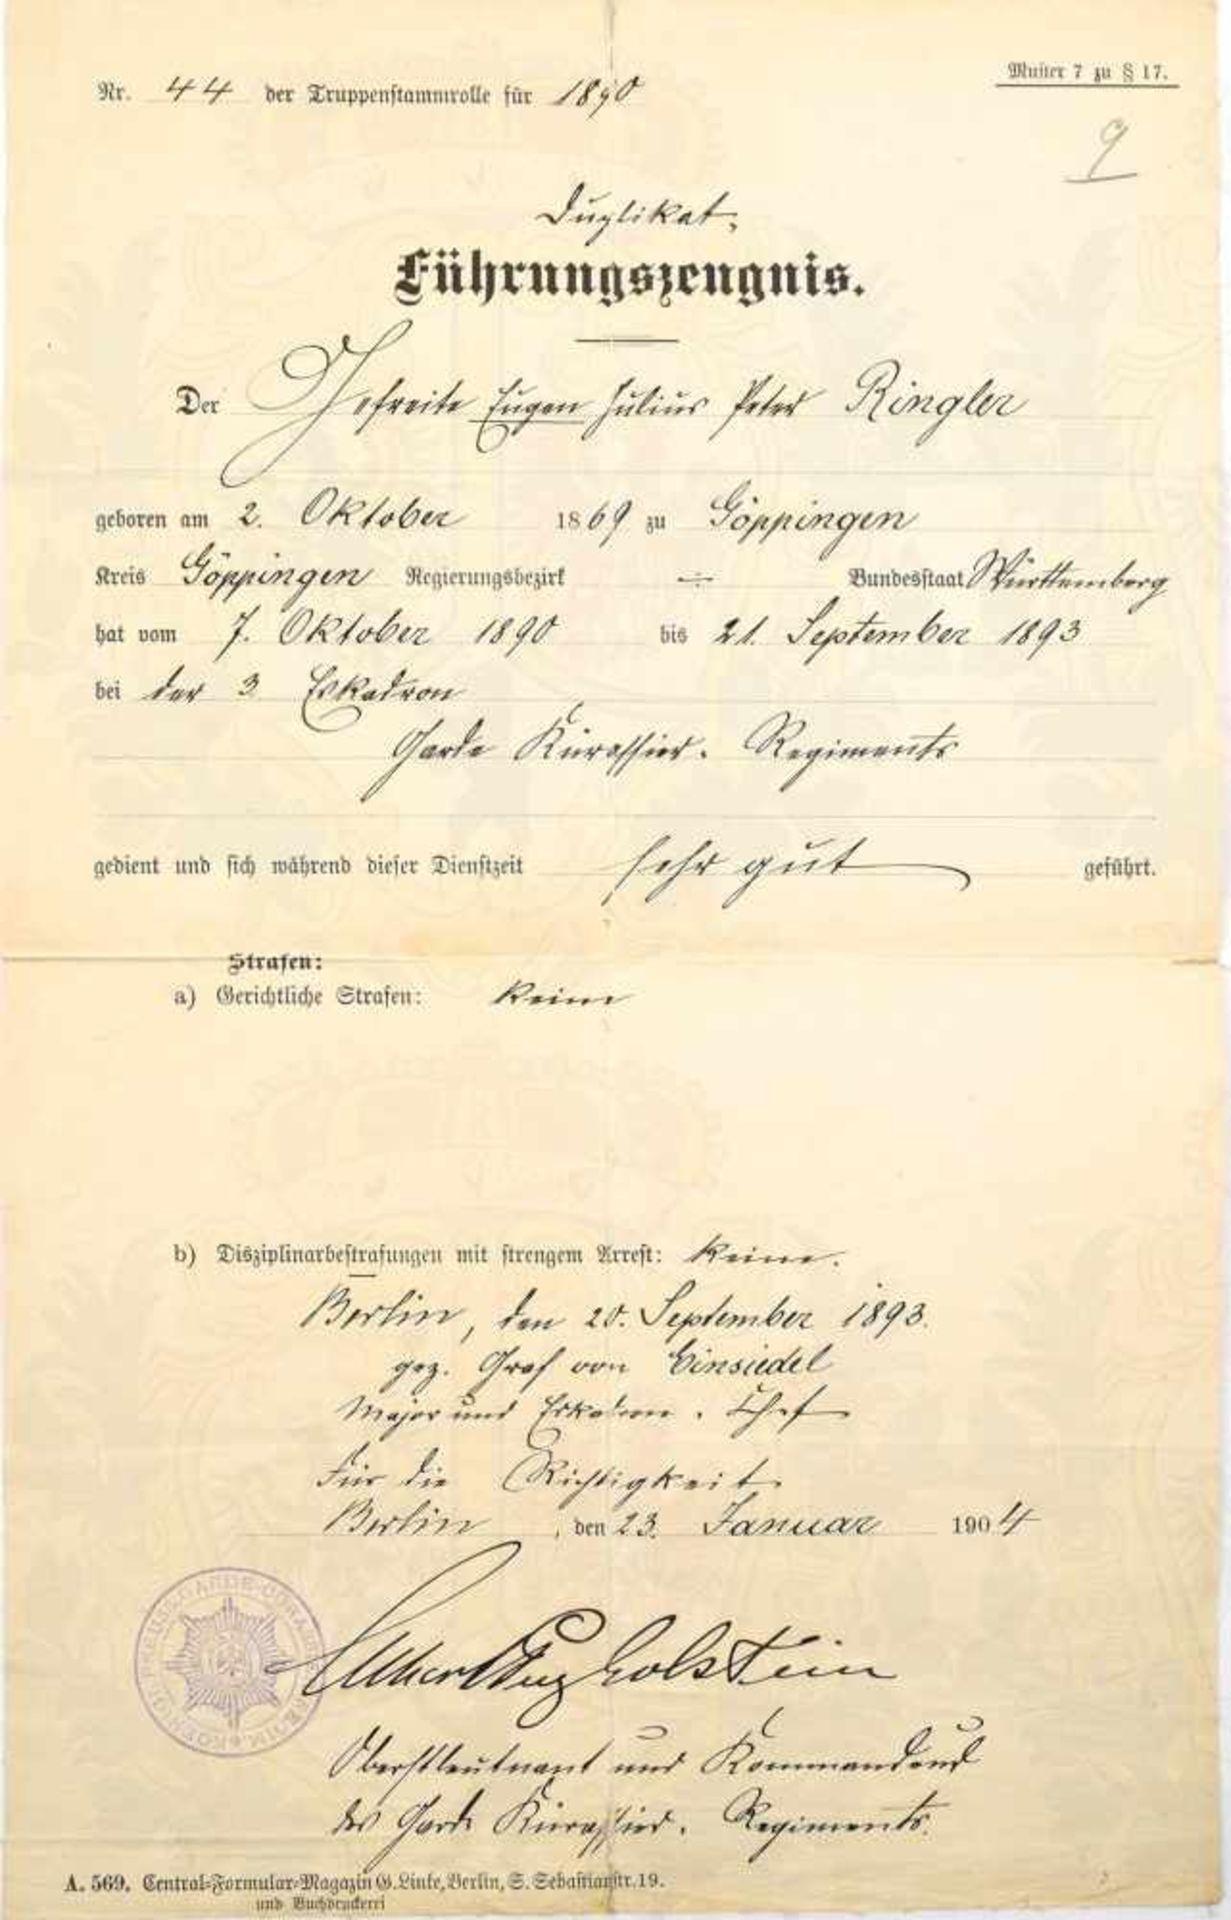 Los 27 - SCHLESWIG-HOLSTEIN SONDERBURG-GLÜCKSBURG, Prinz Albert zu, (Generalleutnant, 1863-1948, im WK Gen.-